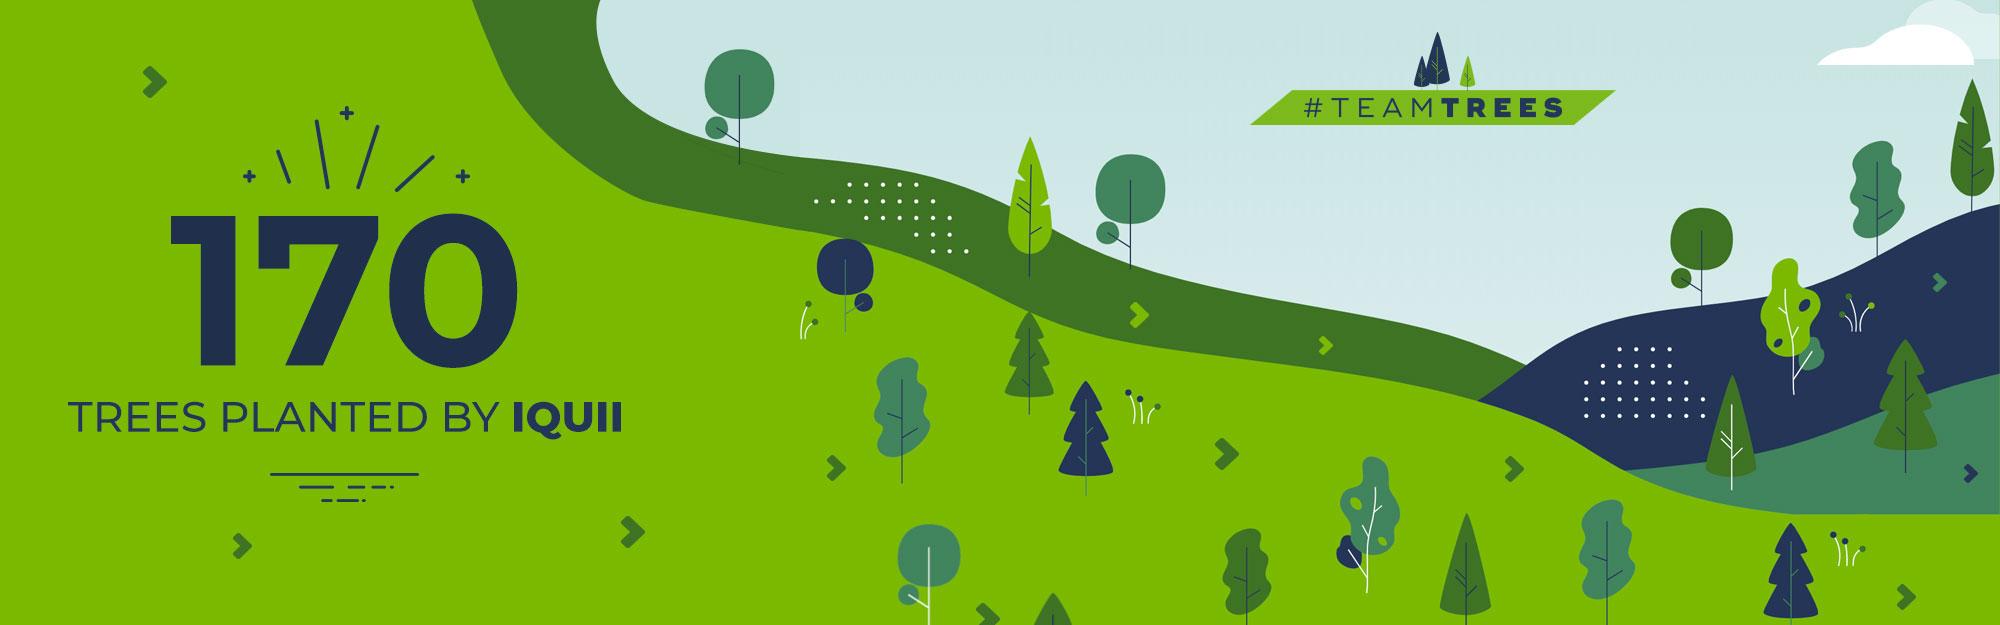 170 nuovi alberi piantati con #TEAMTREES: l'impegno del team IQUII per un progresso sostenibile